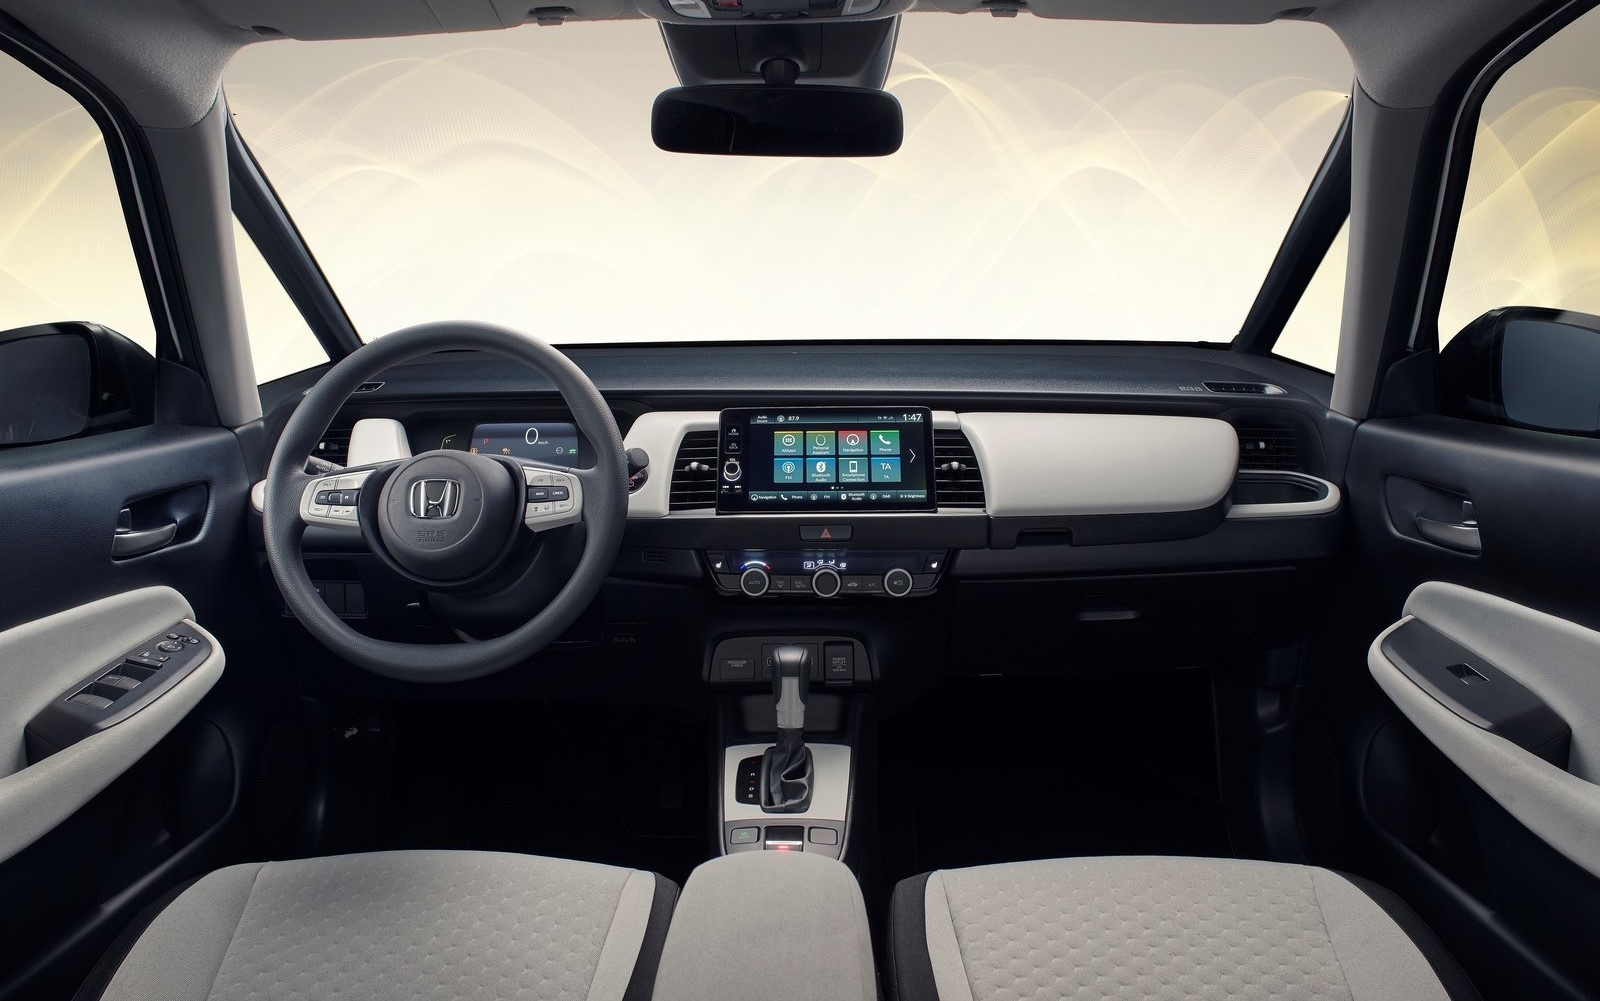 2020年,轿车比SUV更值得期待!